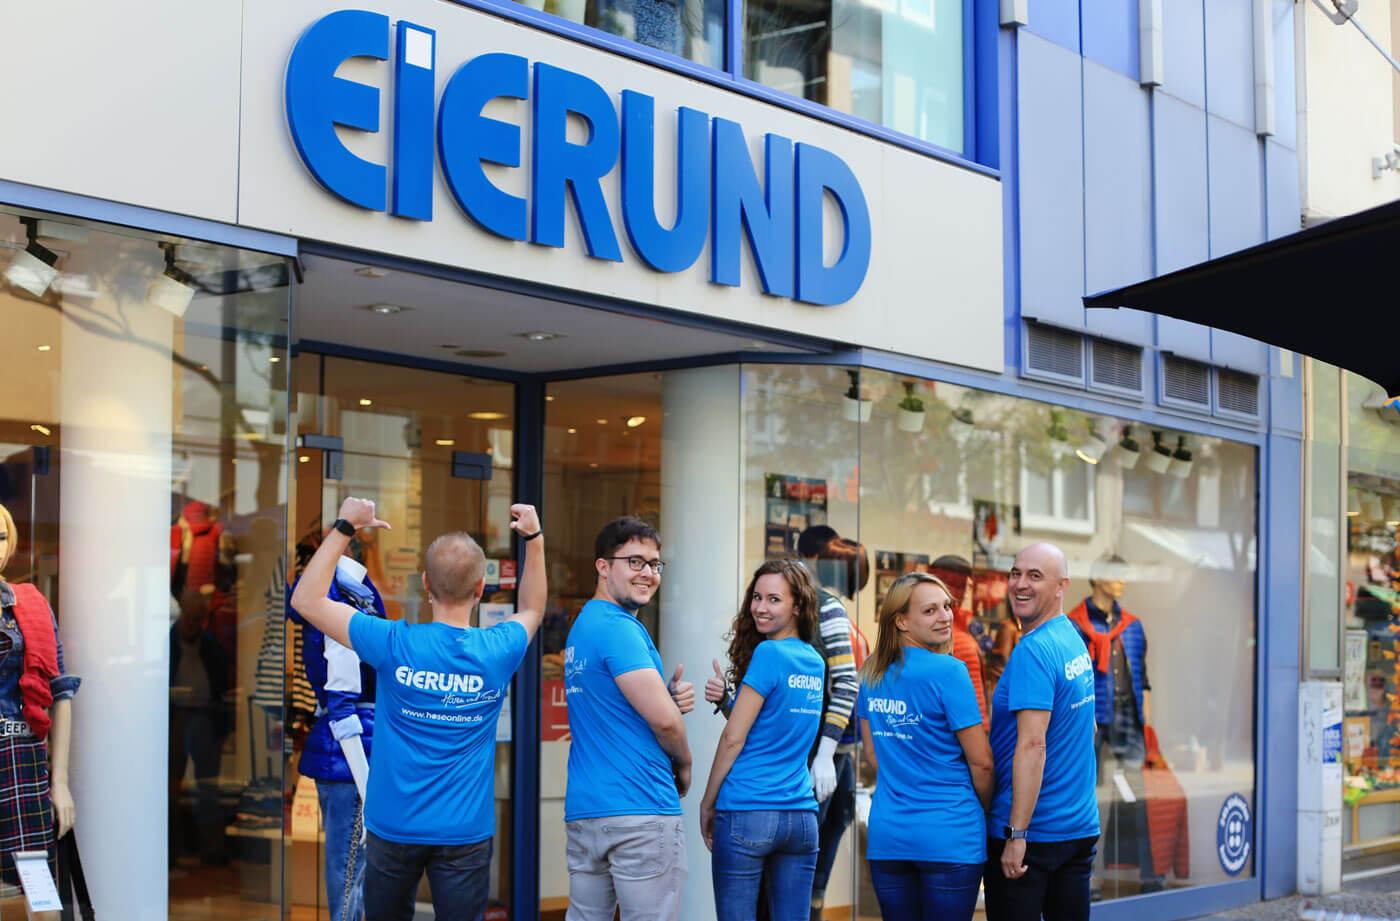 Fimenlauf Team Eierund